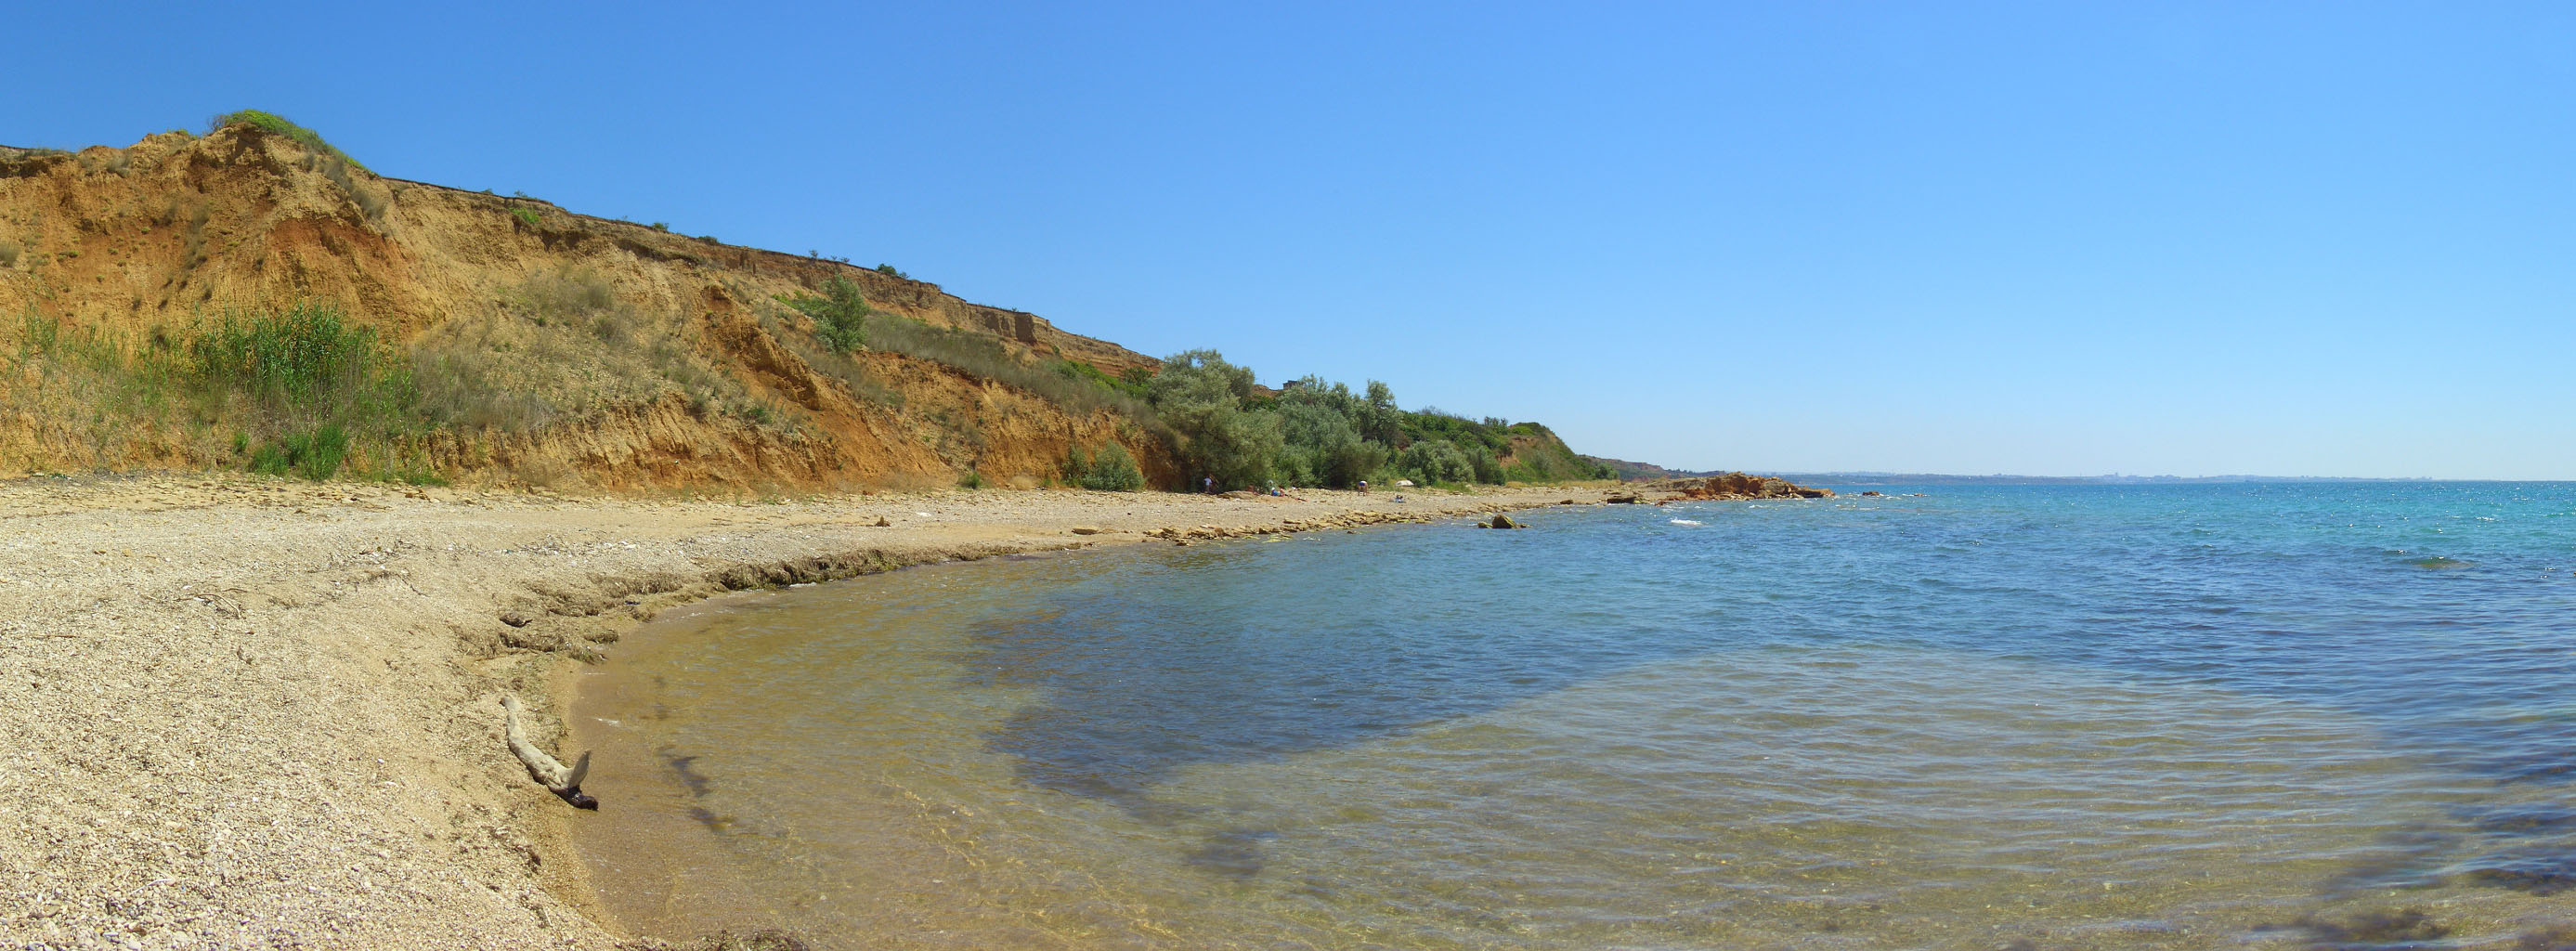 Показать фото с дикого пляжа